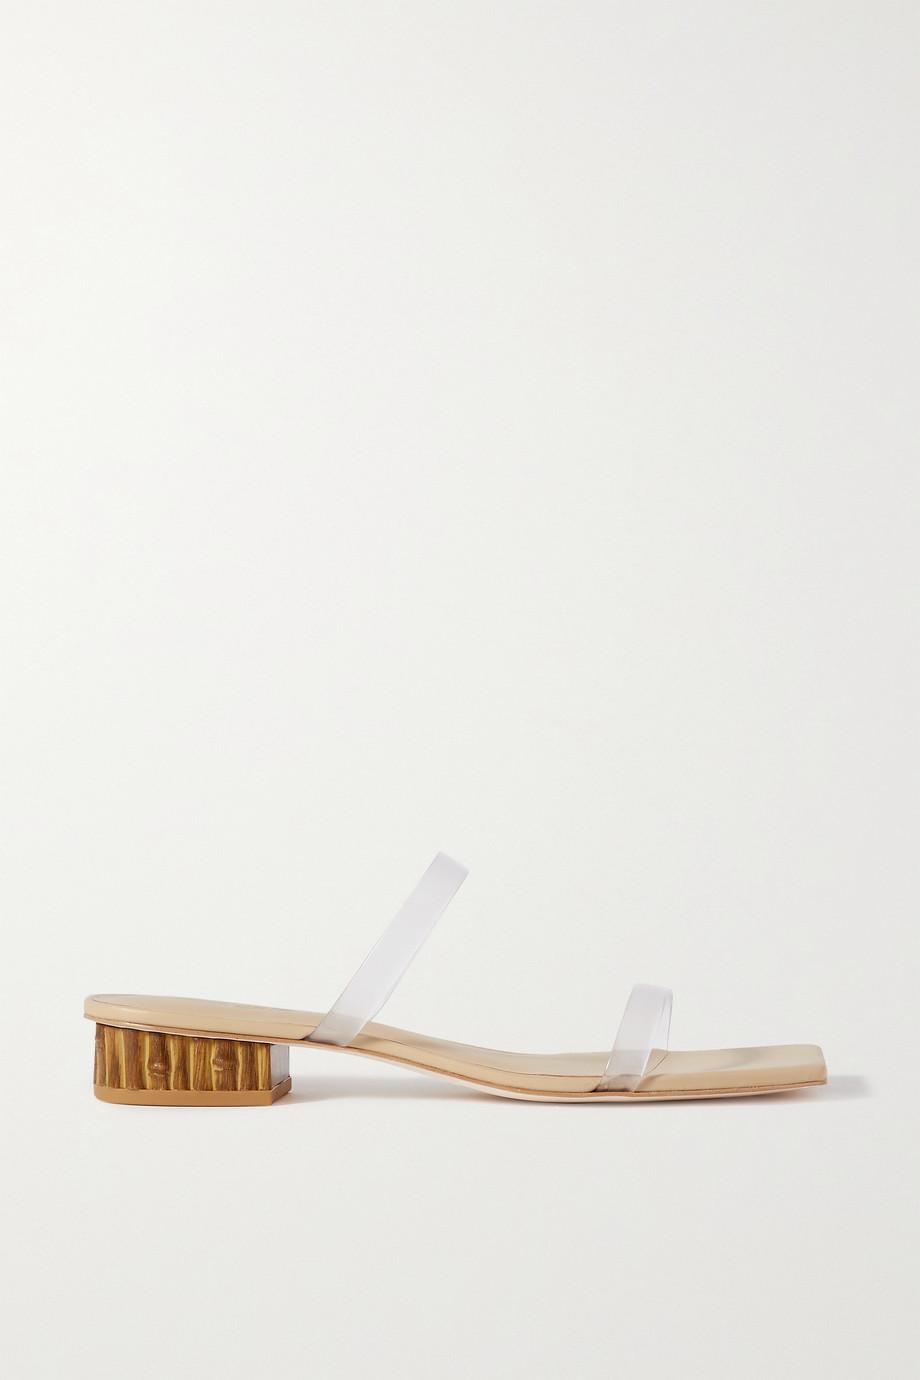 Cult Gaia Liz PVC sandals